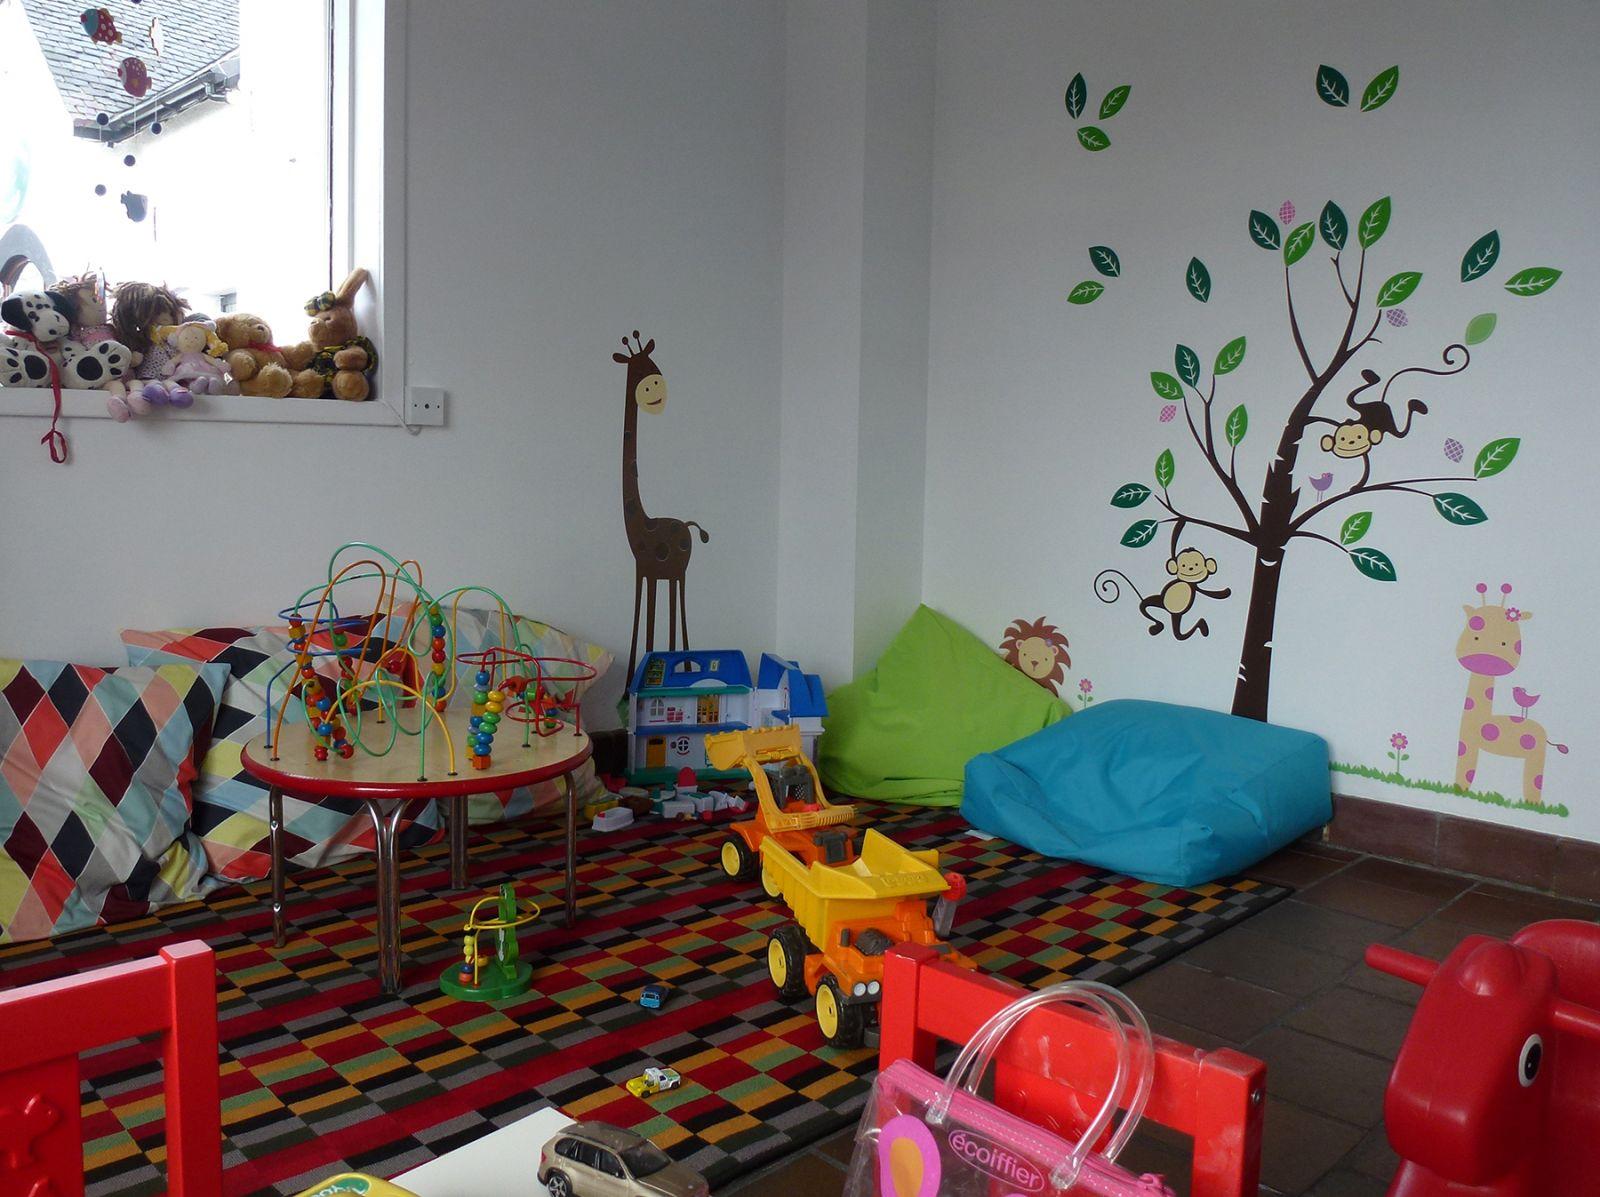 Playroom at Arisaig Hotel